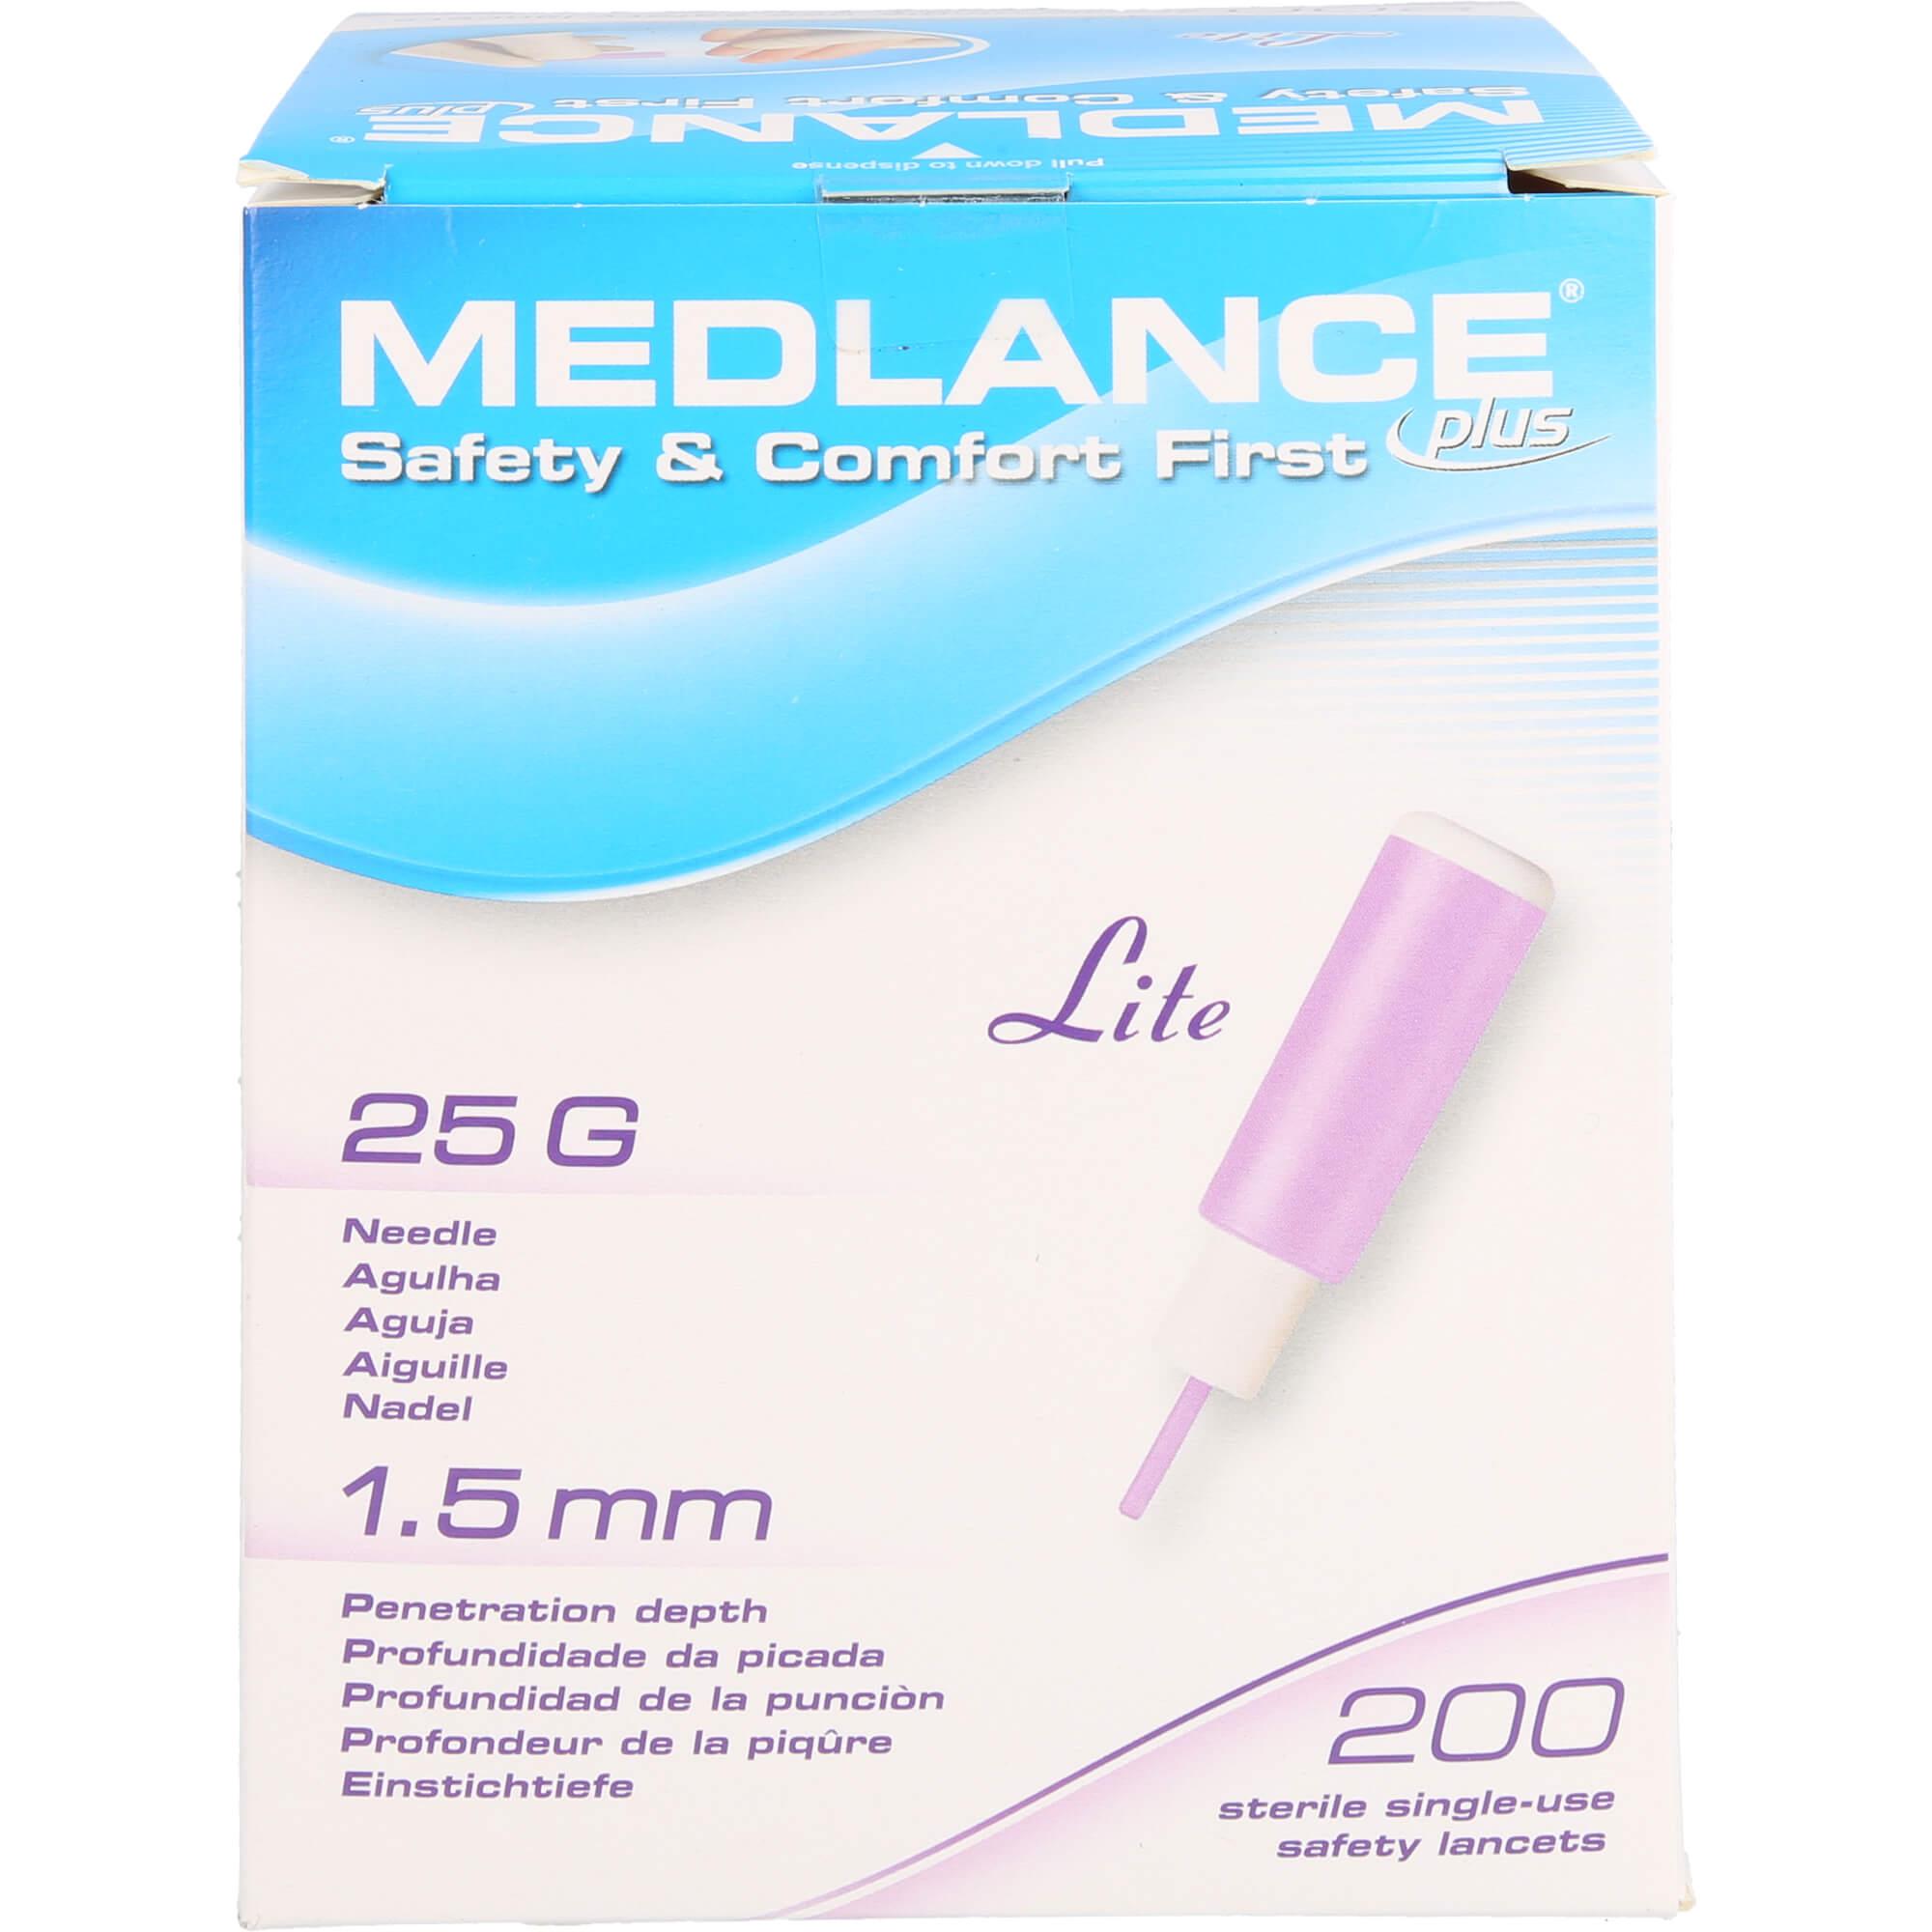 MEDLANCE-plus-Lite-Sicherheitslanzetten-25-G